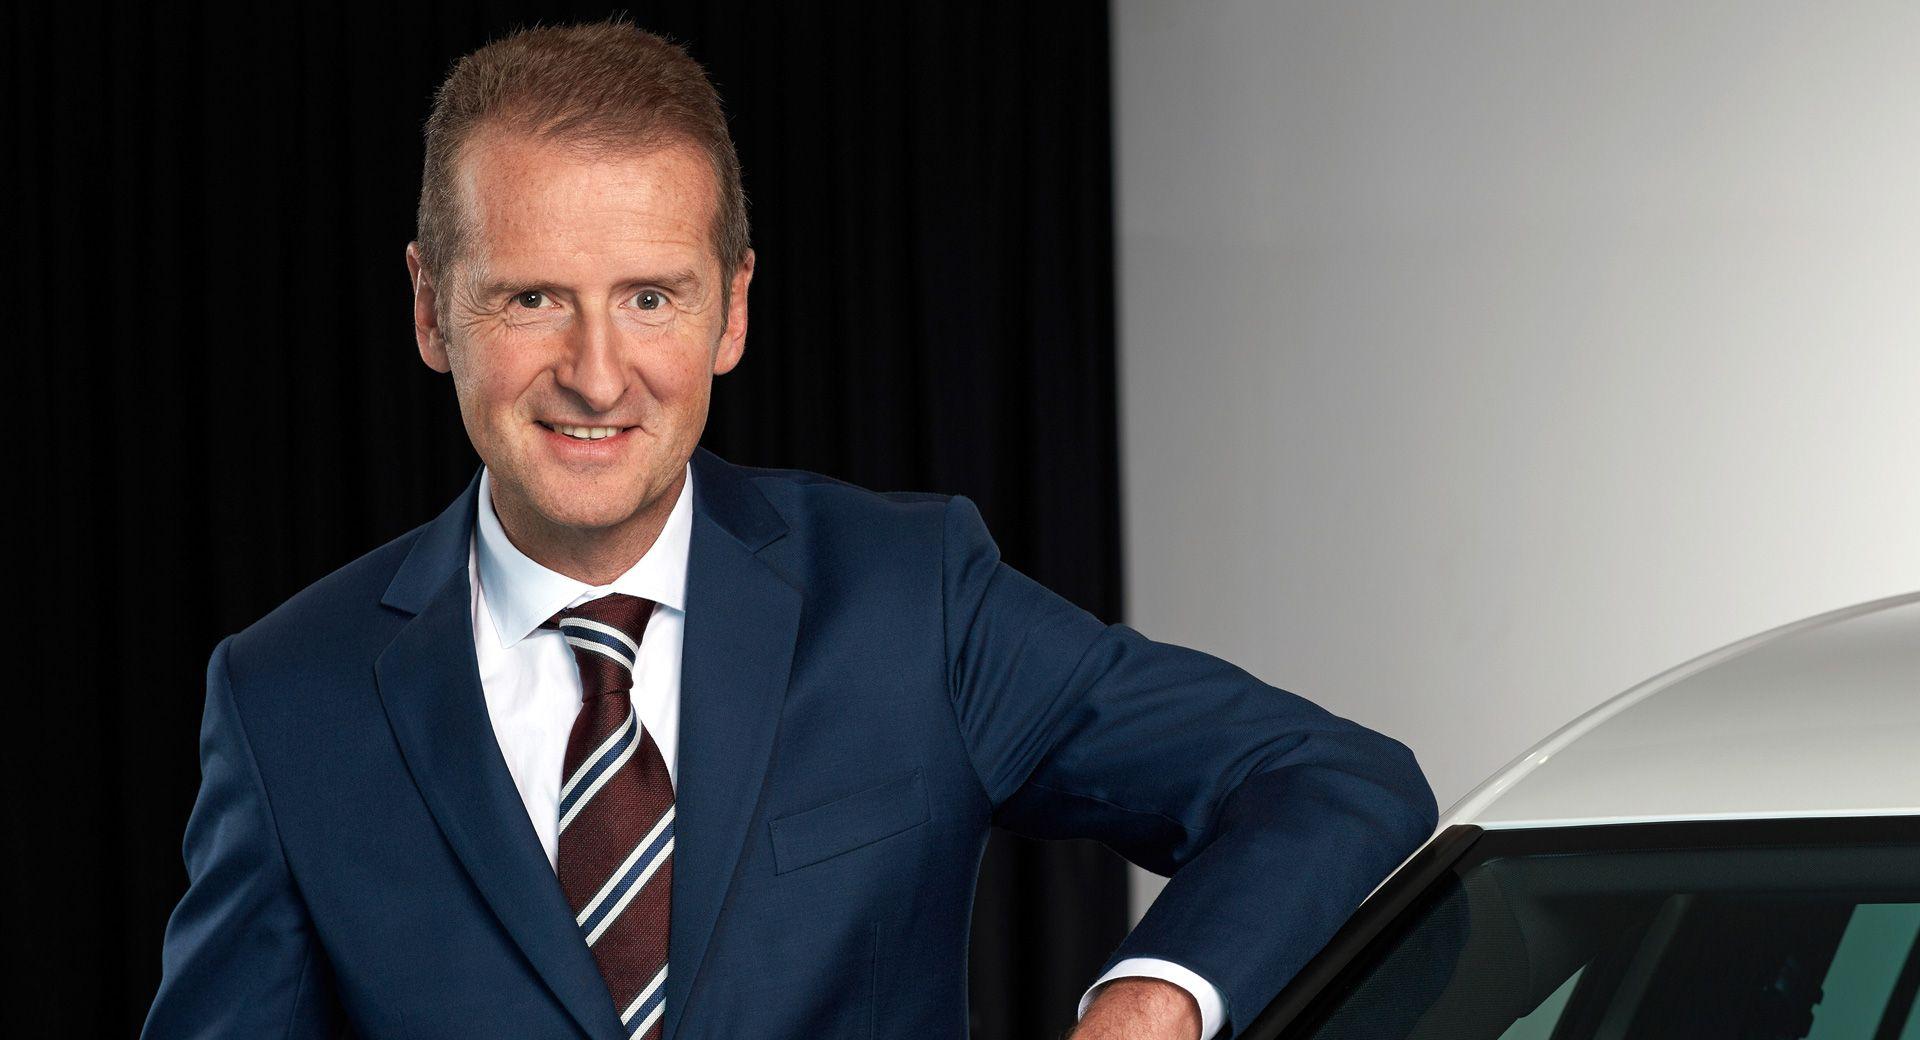 Patrão da VW prevê a falência da industria automóvel alemã e que os limites de CO2 são demasiado ambiciosos